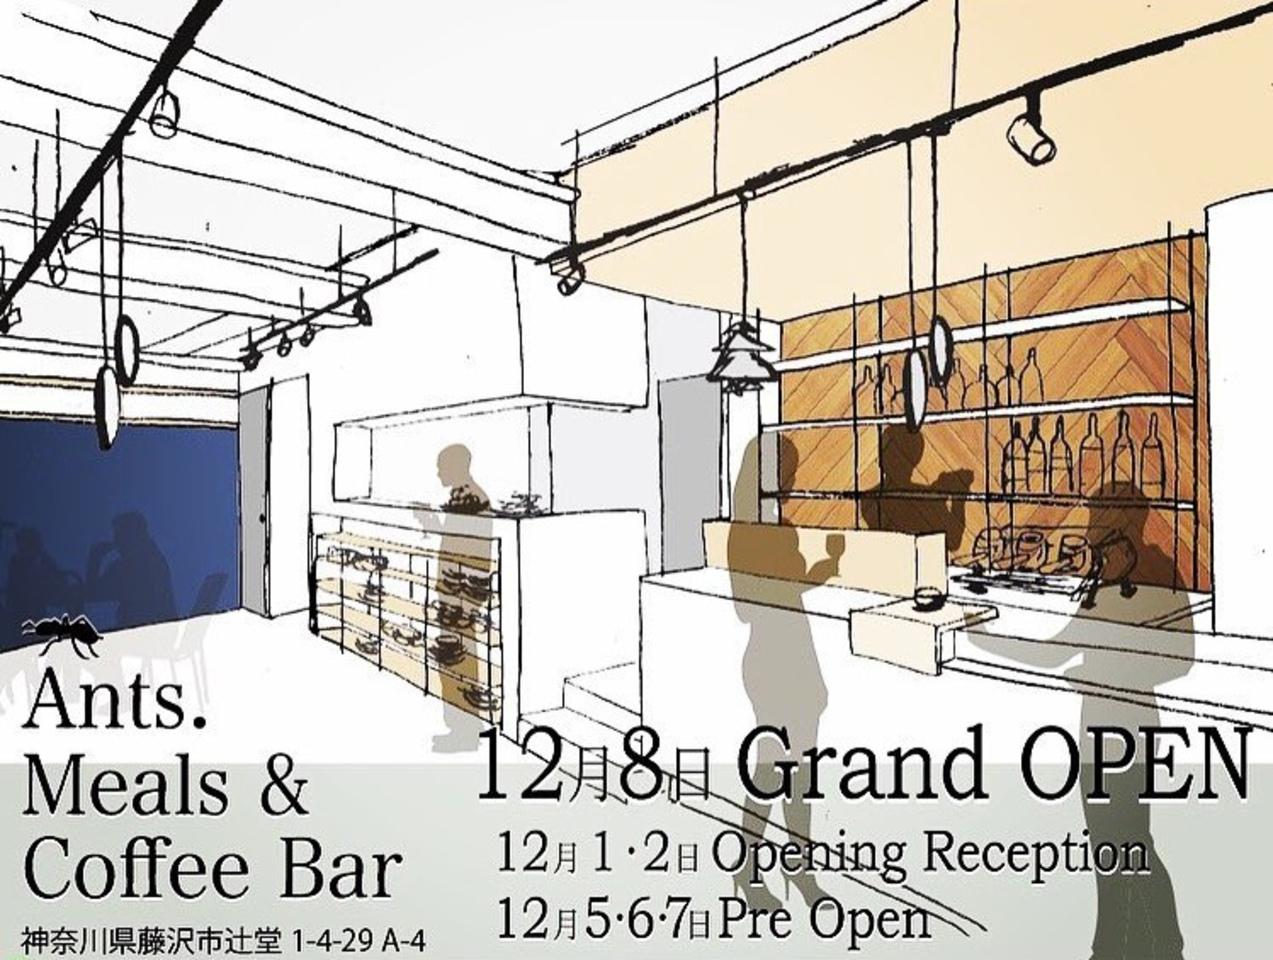 藤沢市の辻堂駅近くに「アンツミールズ&コーヒーバー」昨日オープンされたようです。